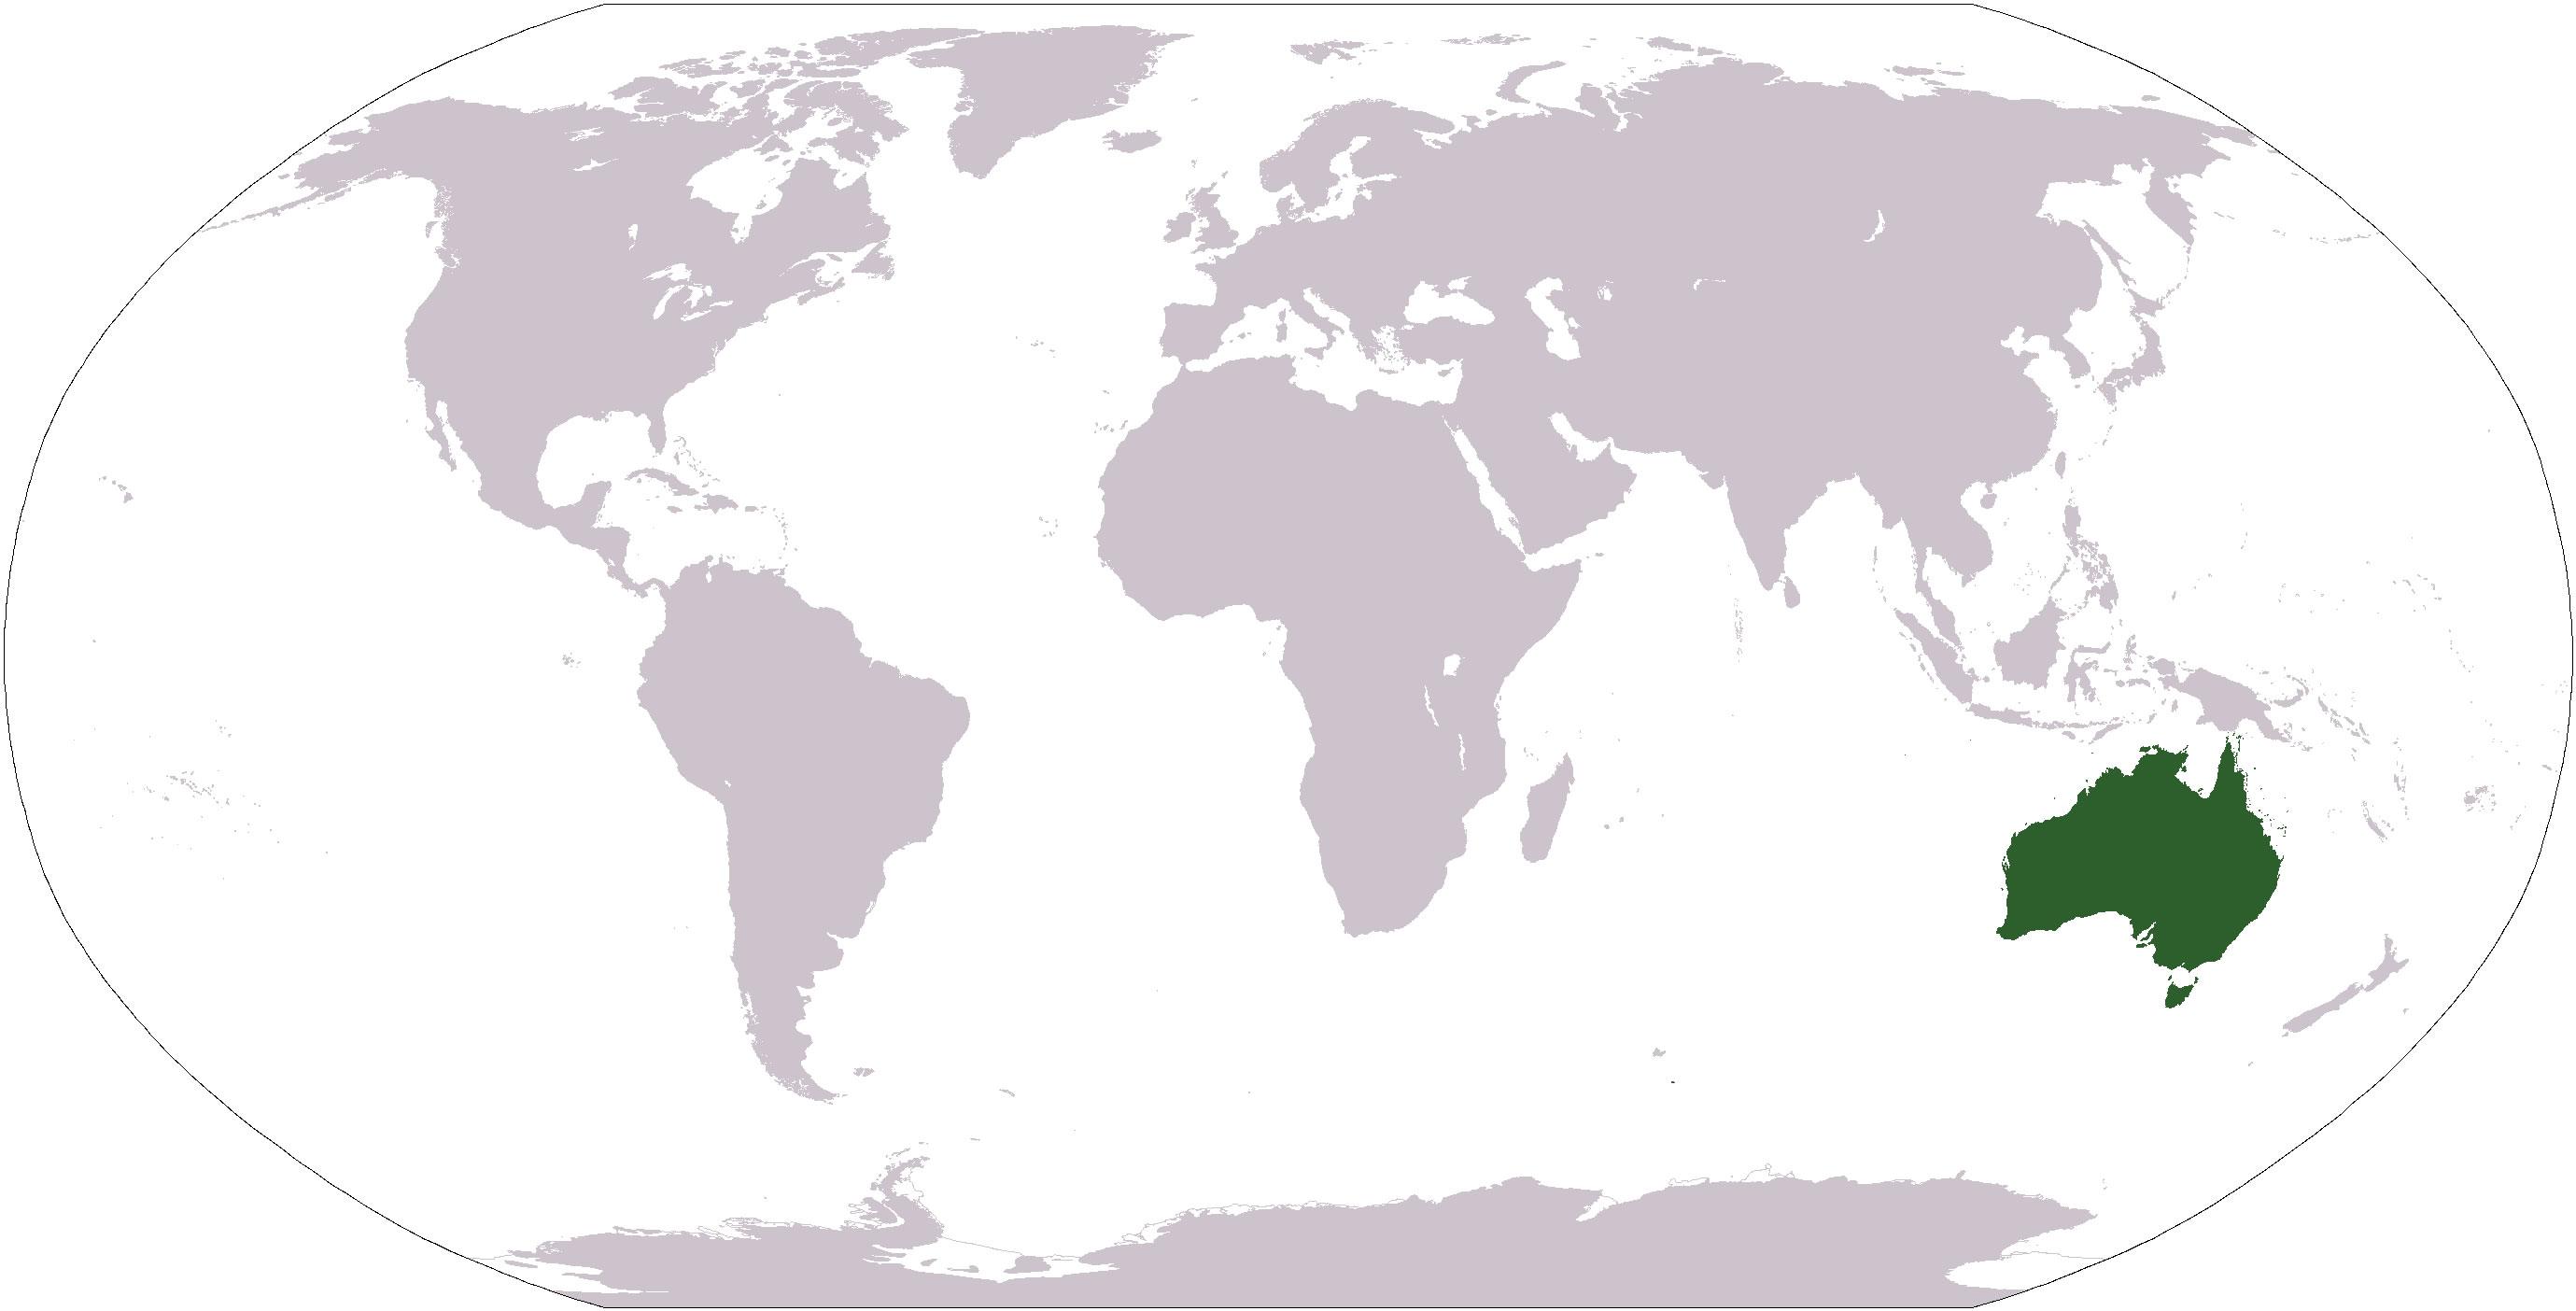 australie-sur-la-carte-du-monde